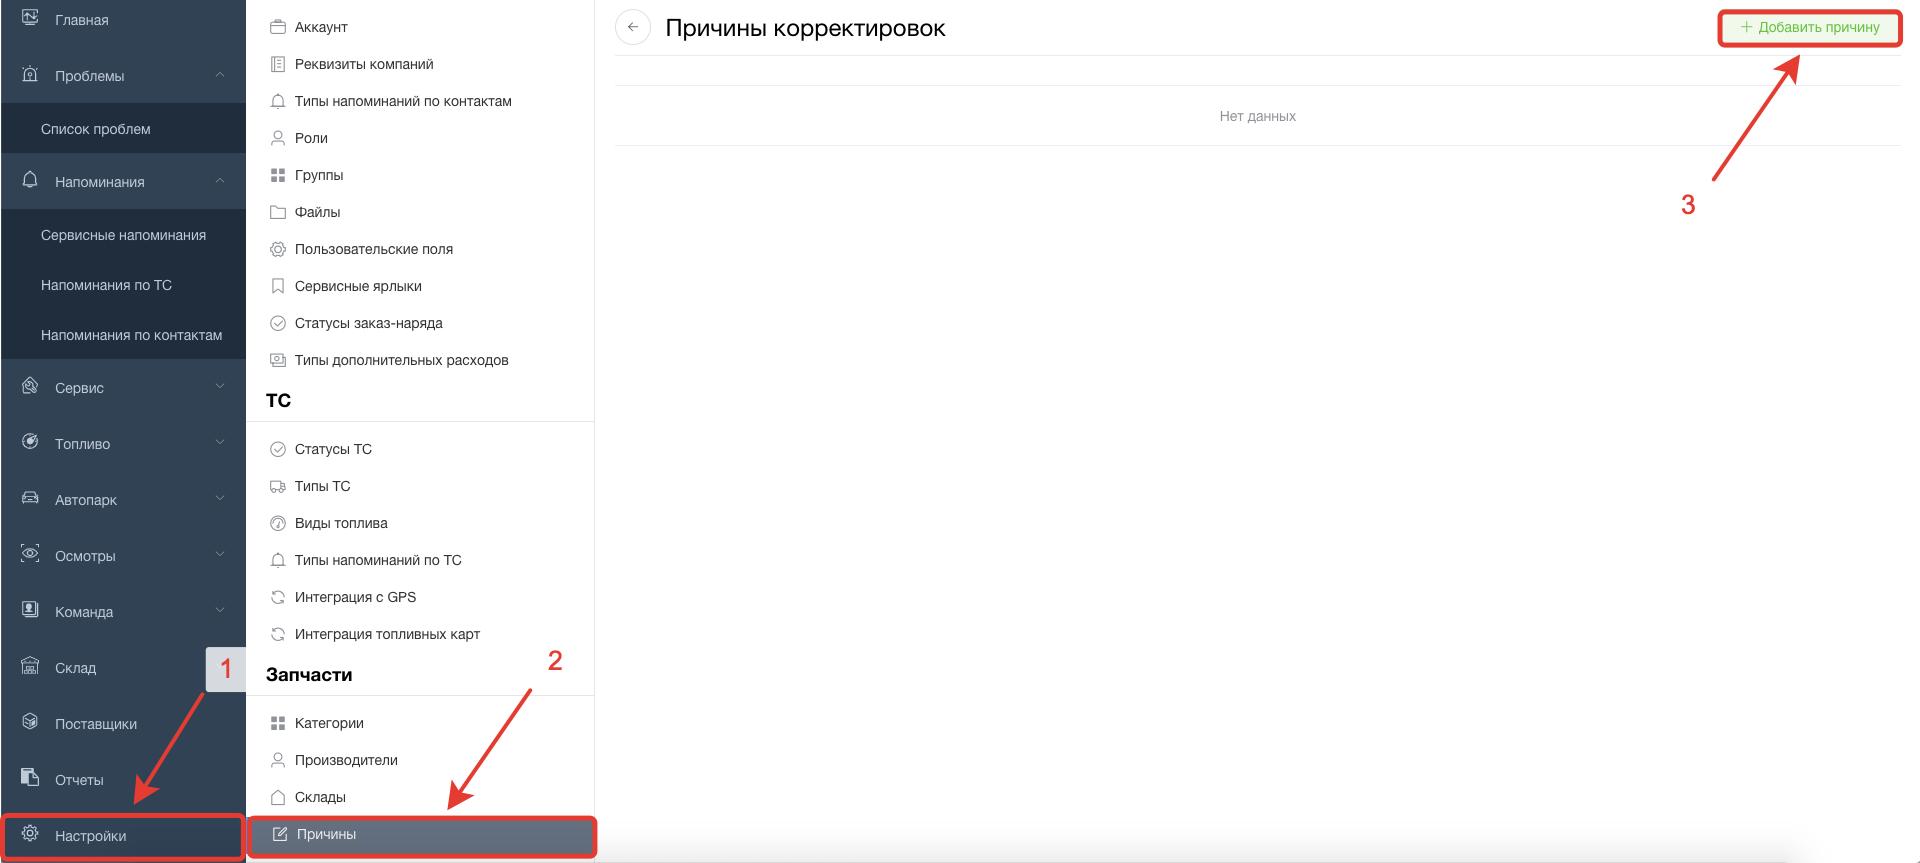 Причины корректировок запчастей в систему Завгар Онлайн